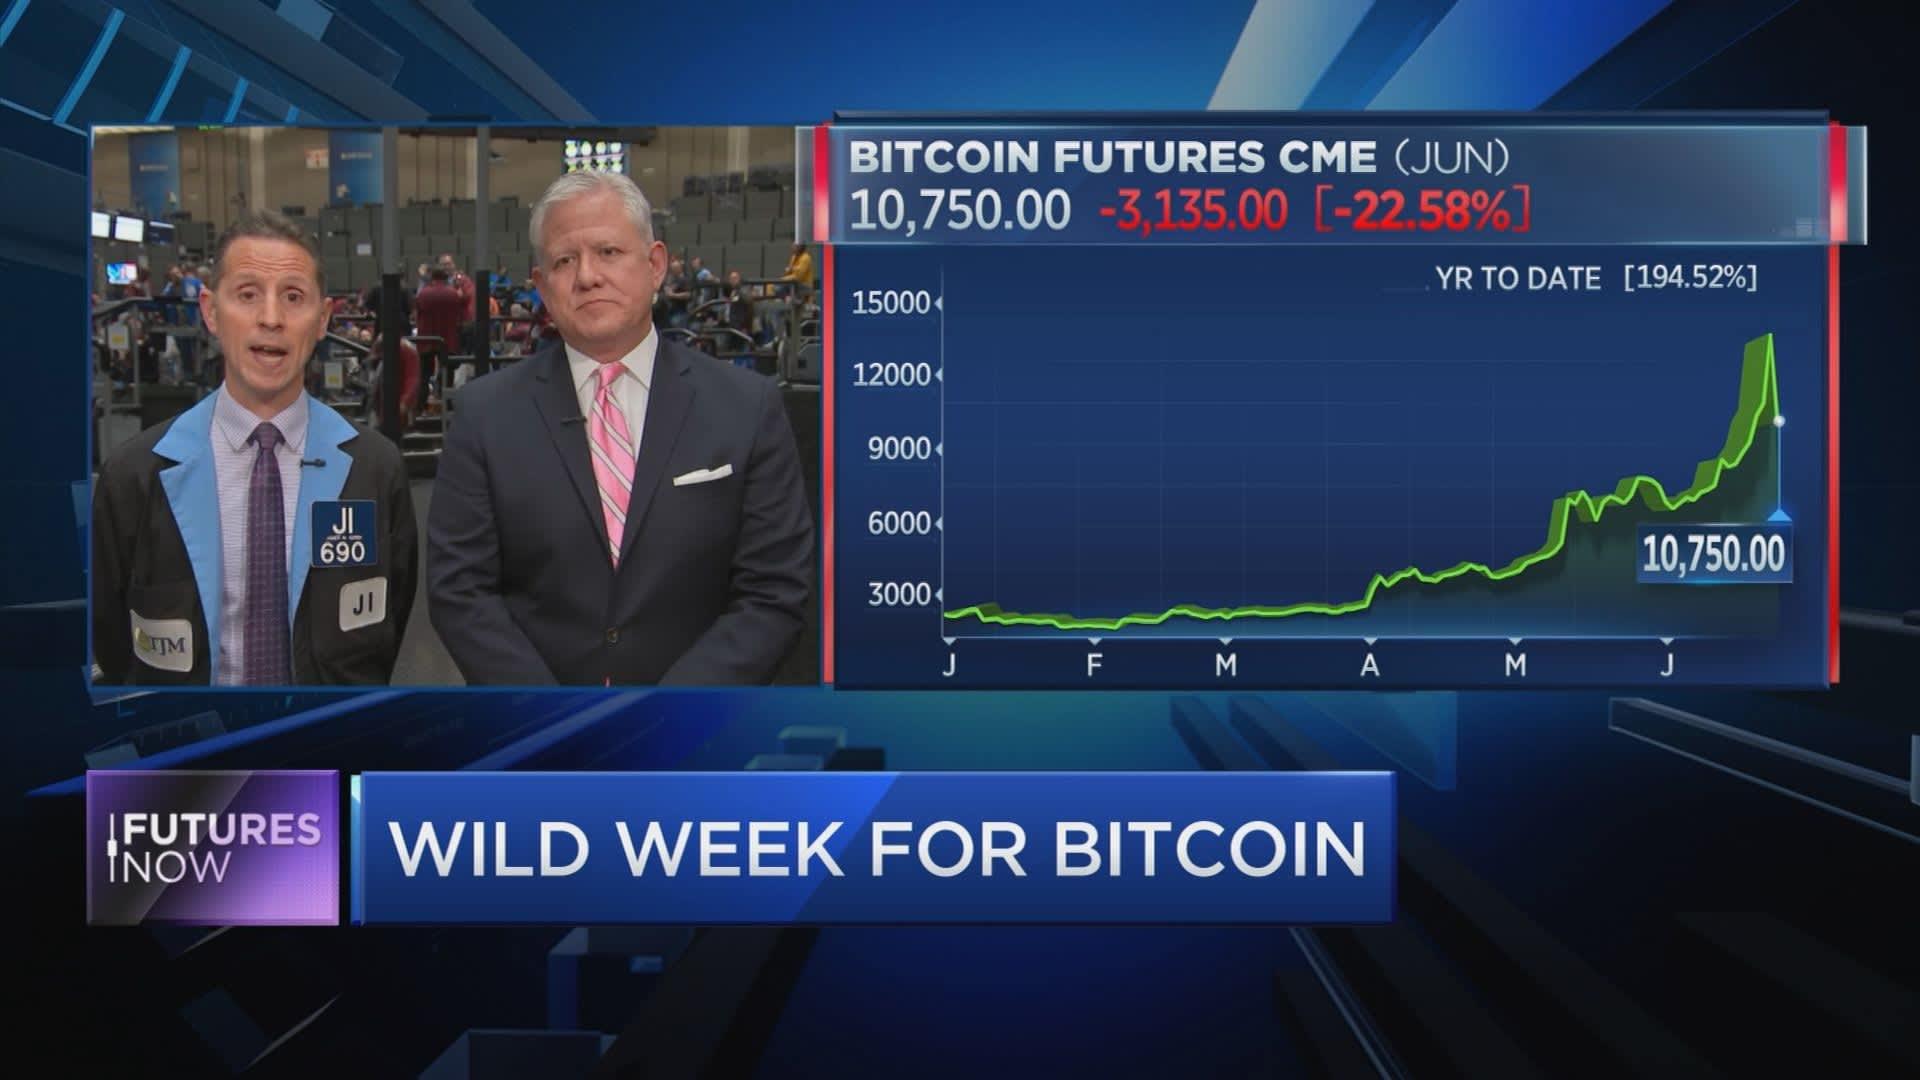 bitcoin tanking today